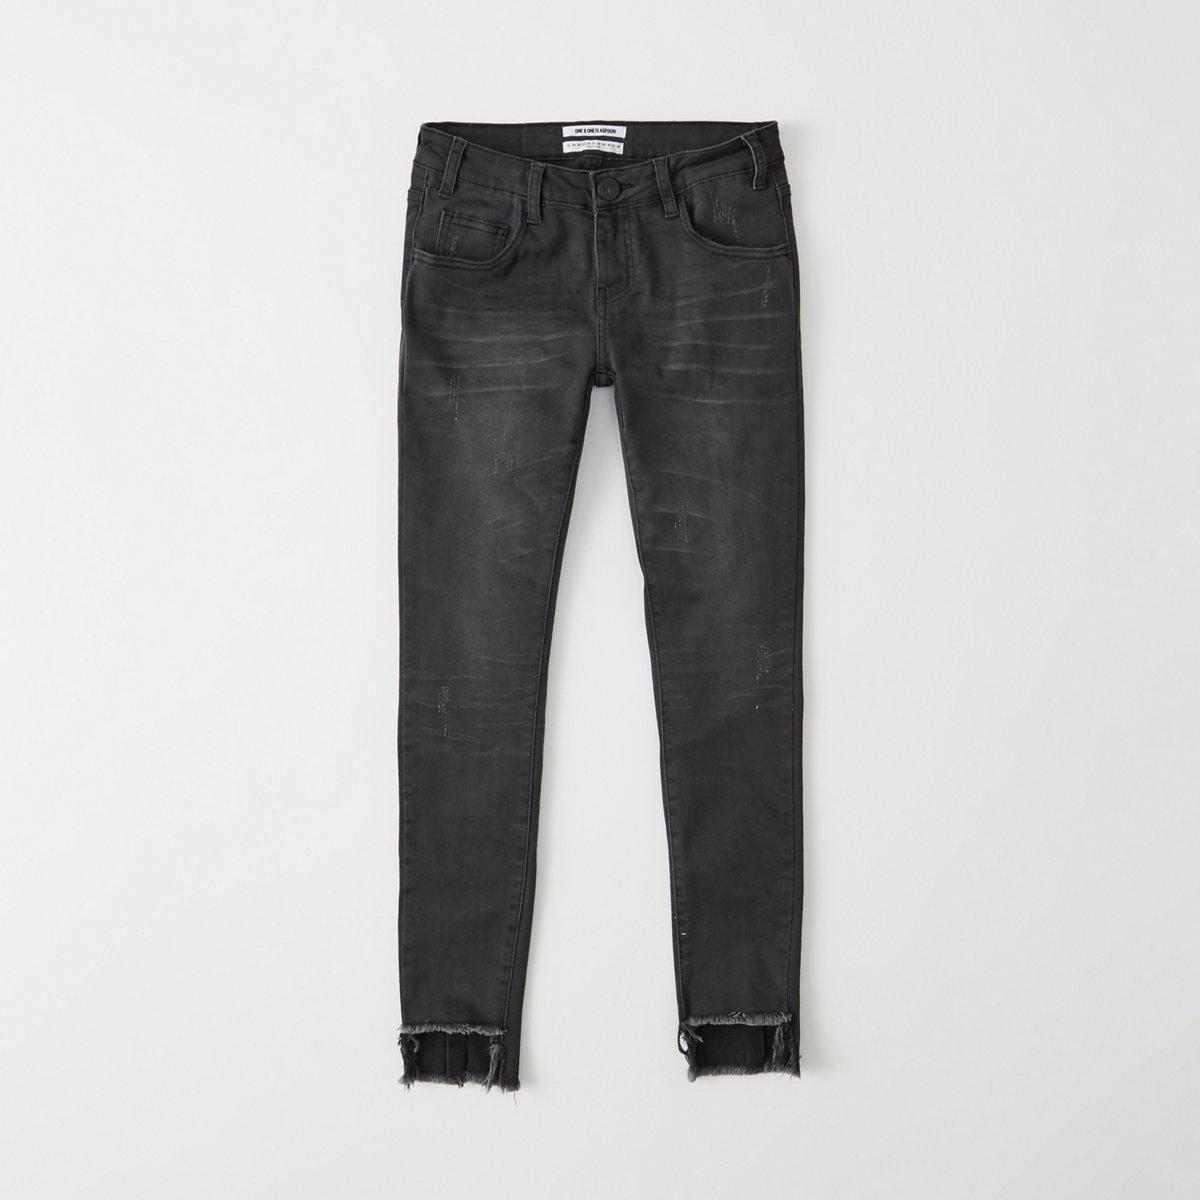 One Teaspoon Freebirds II Jeans